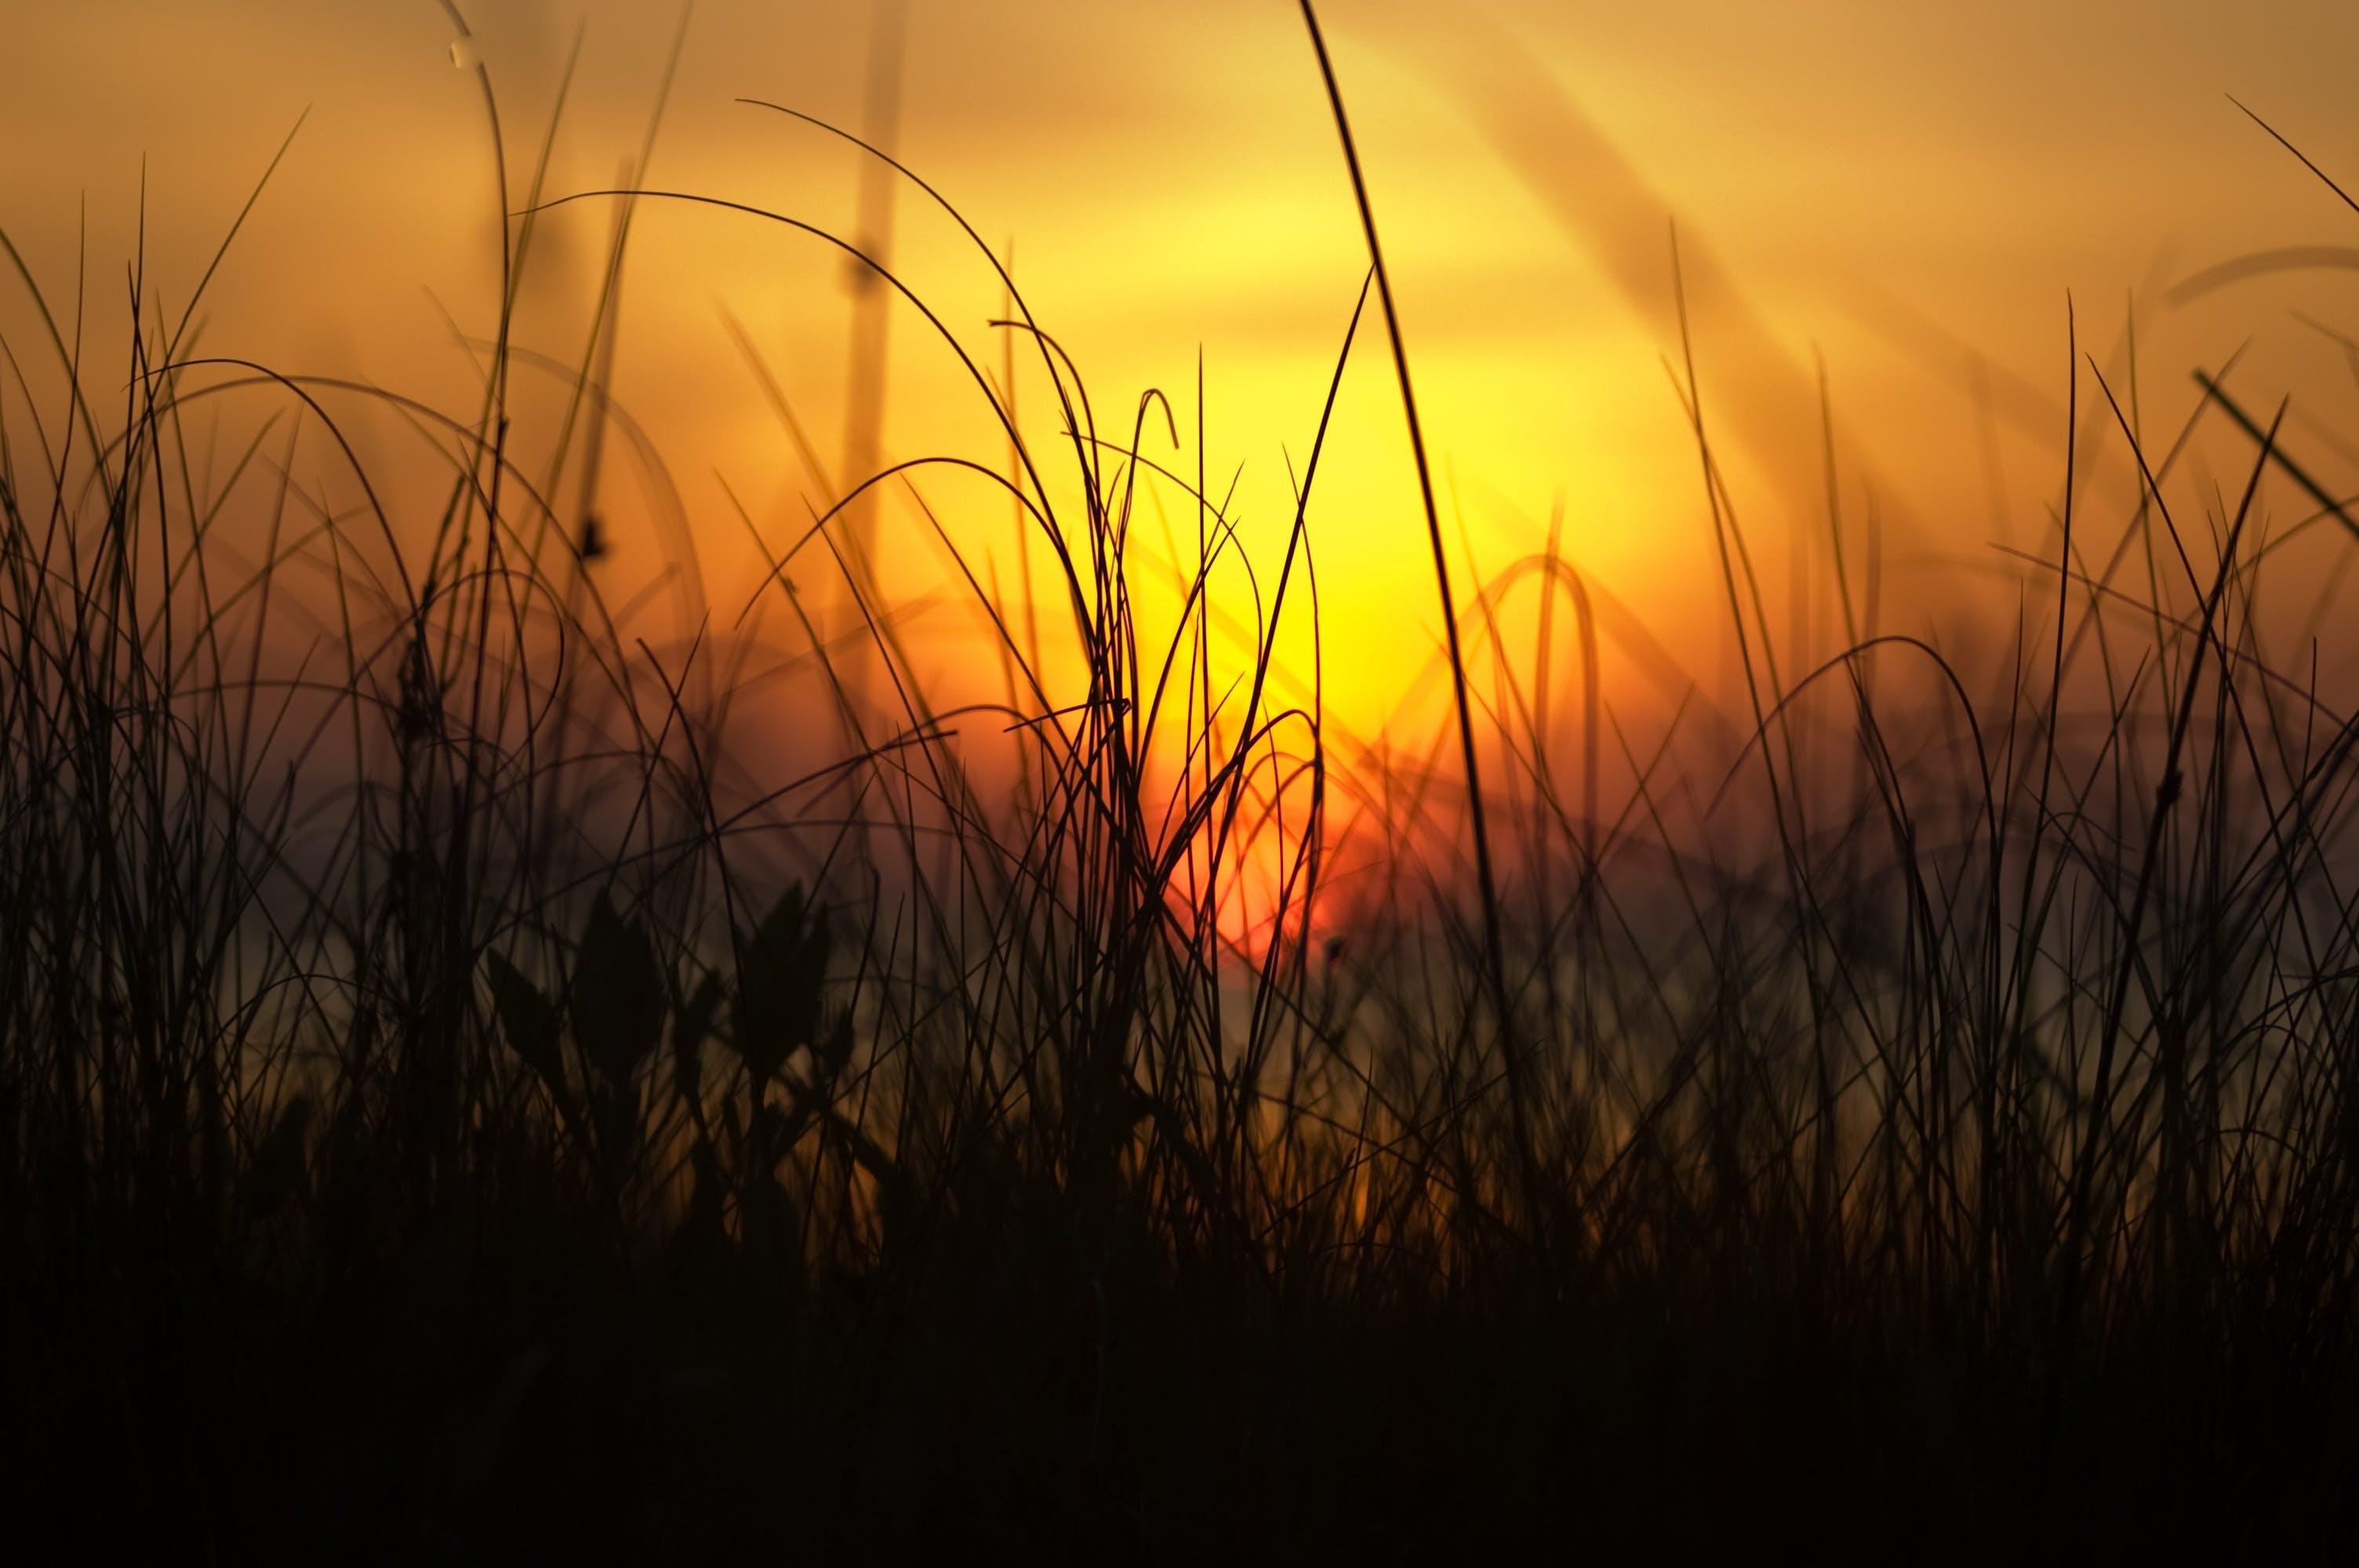 bright, dawn, dusk